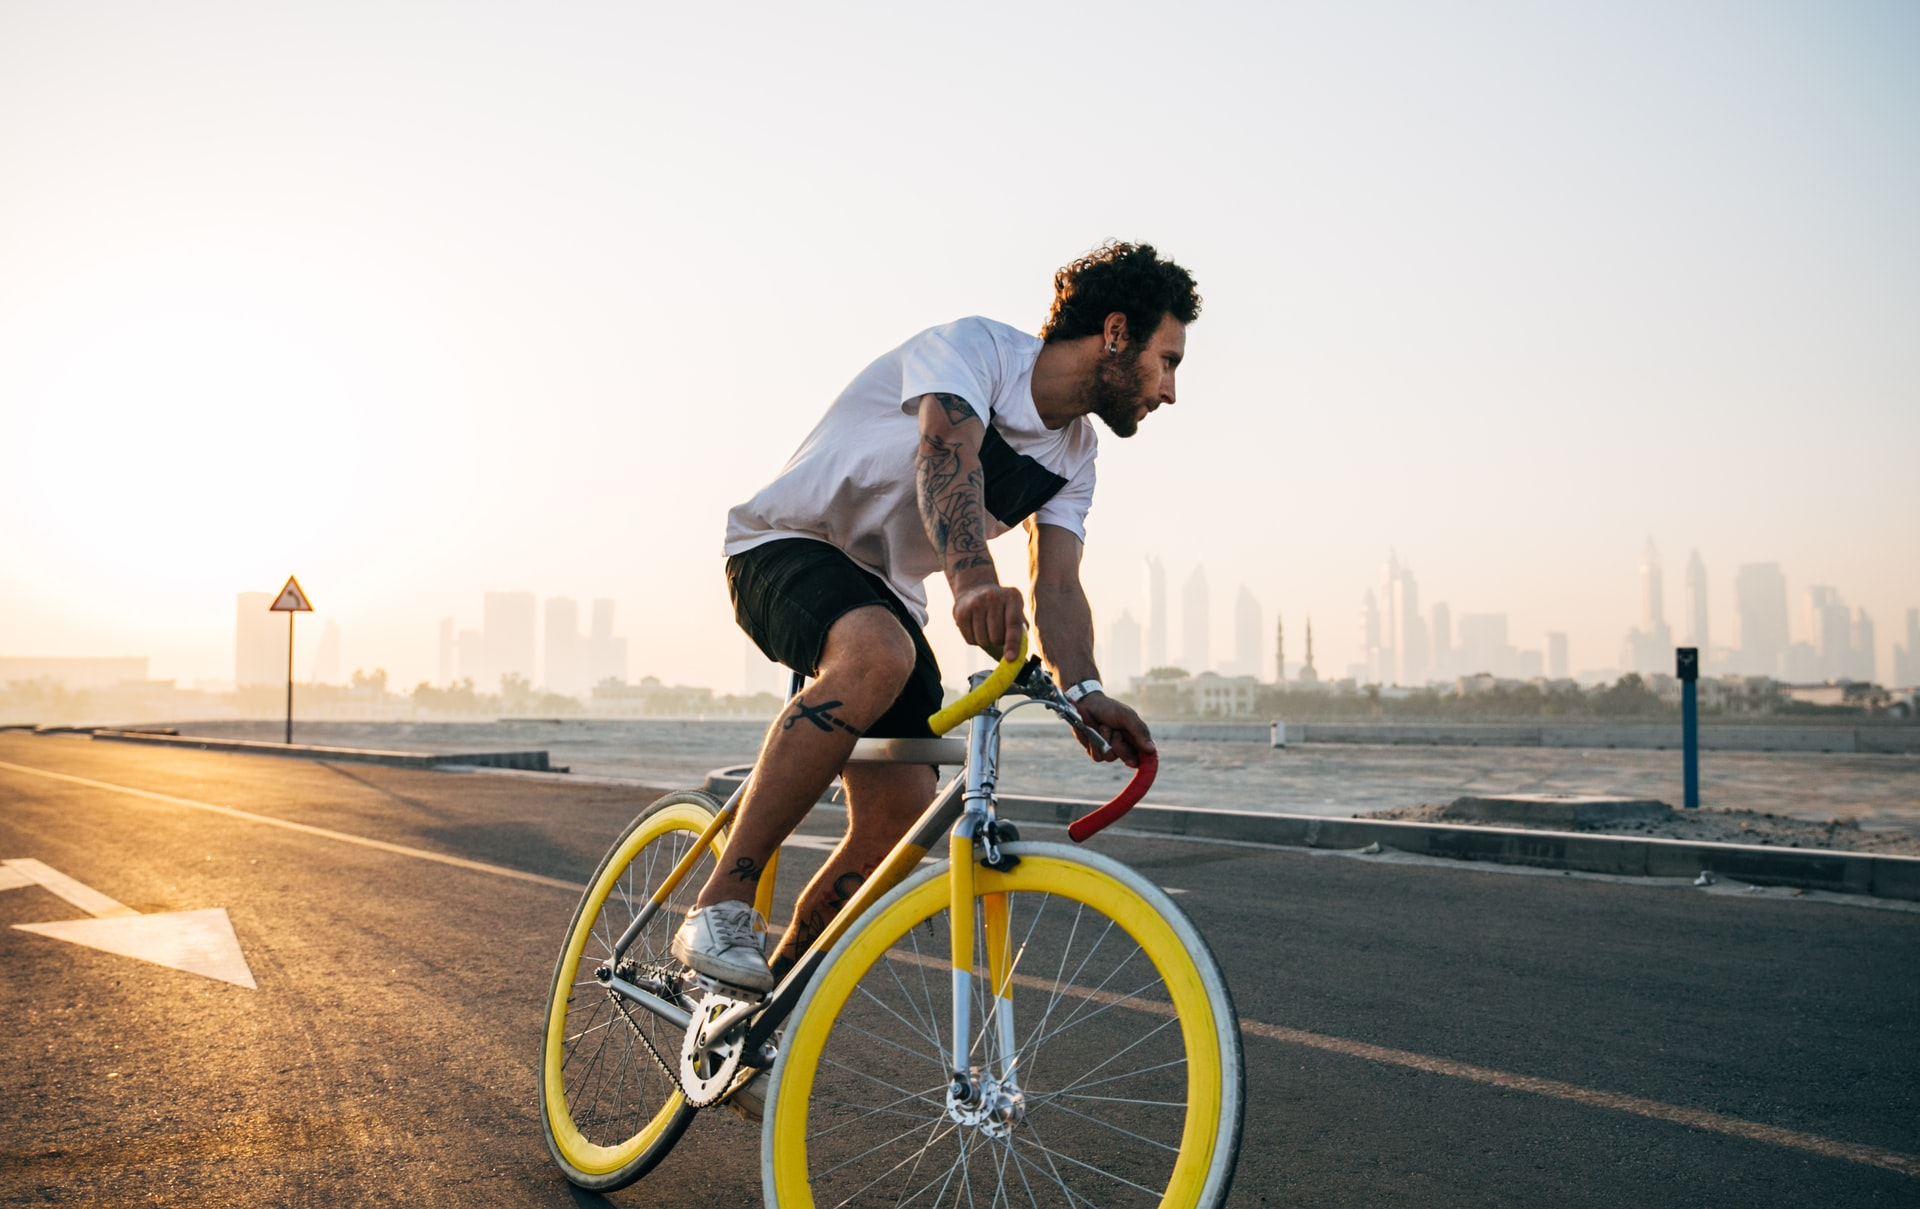 chico con bicicleta amarilla